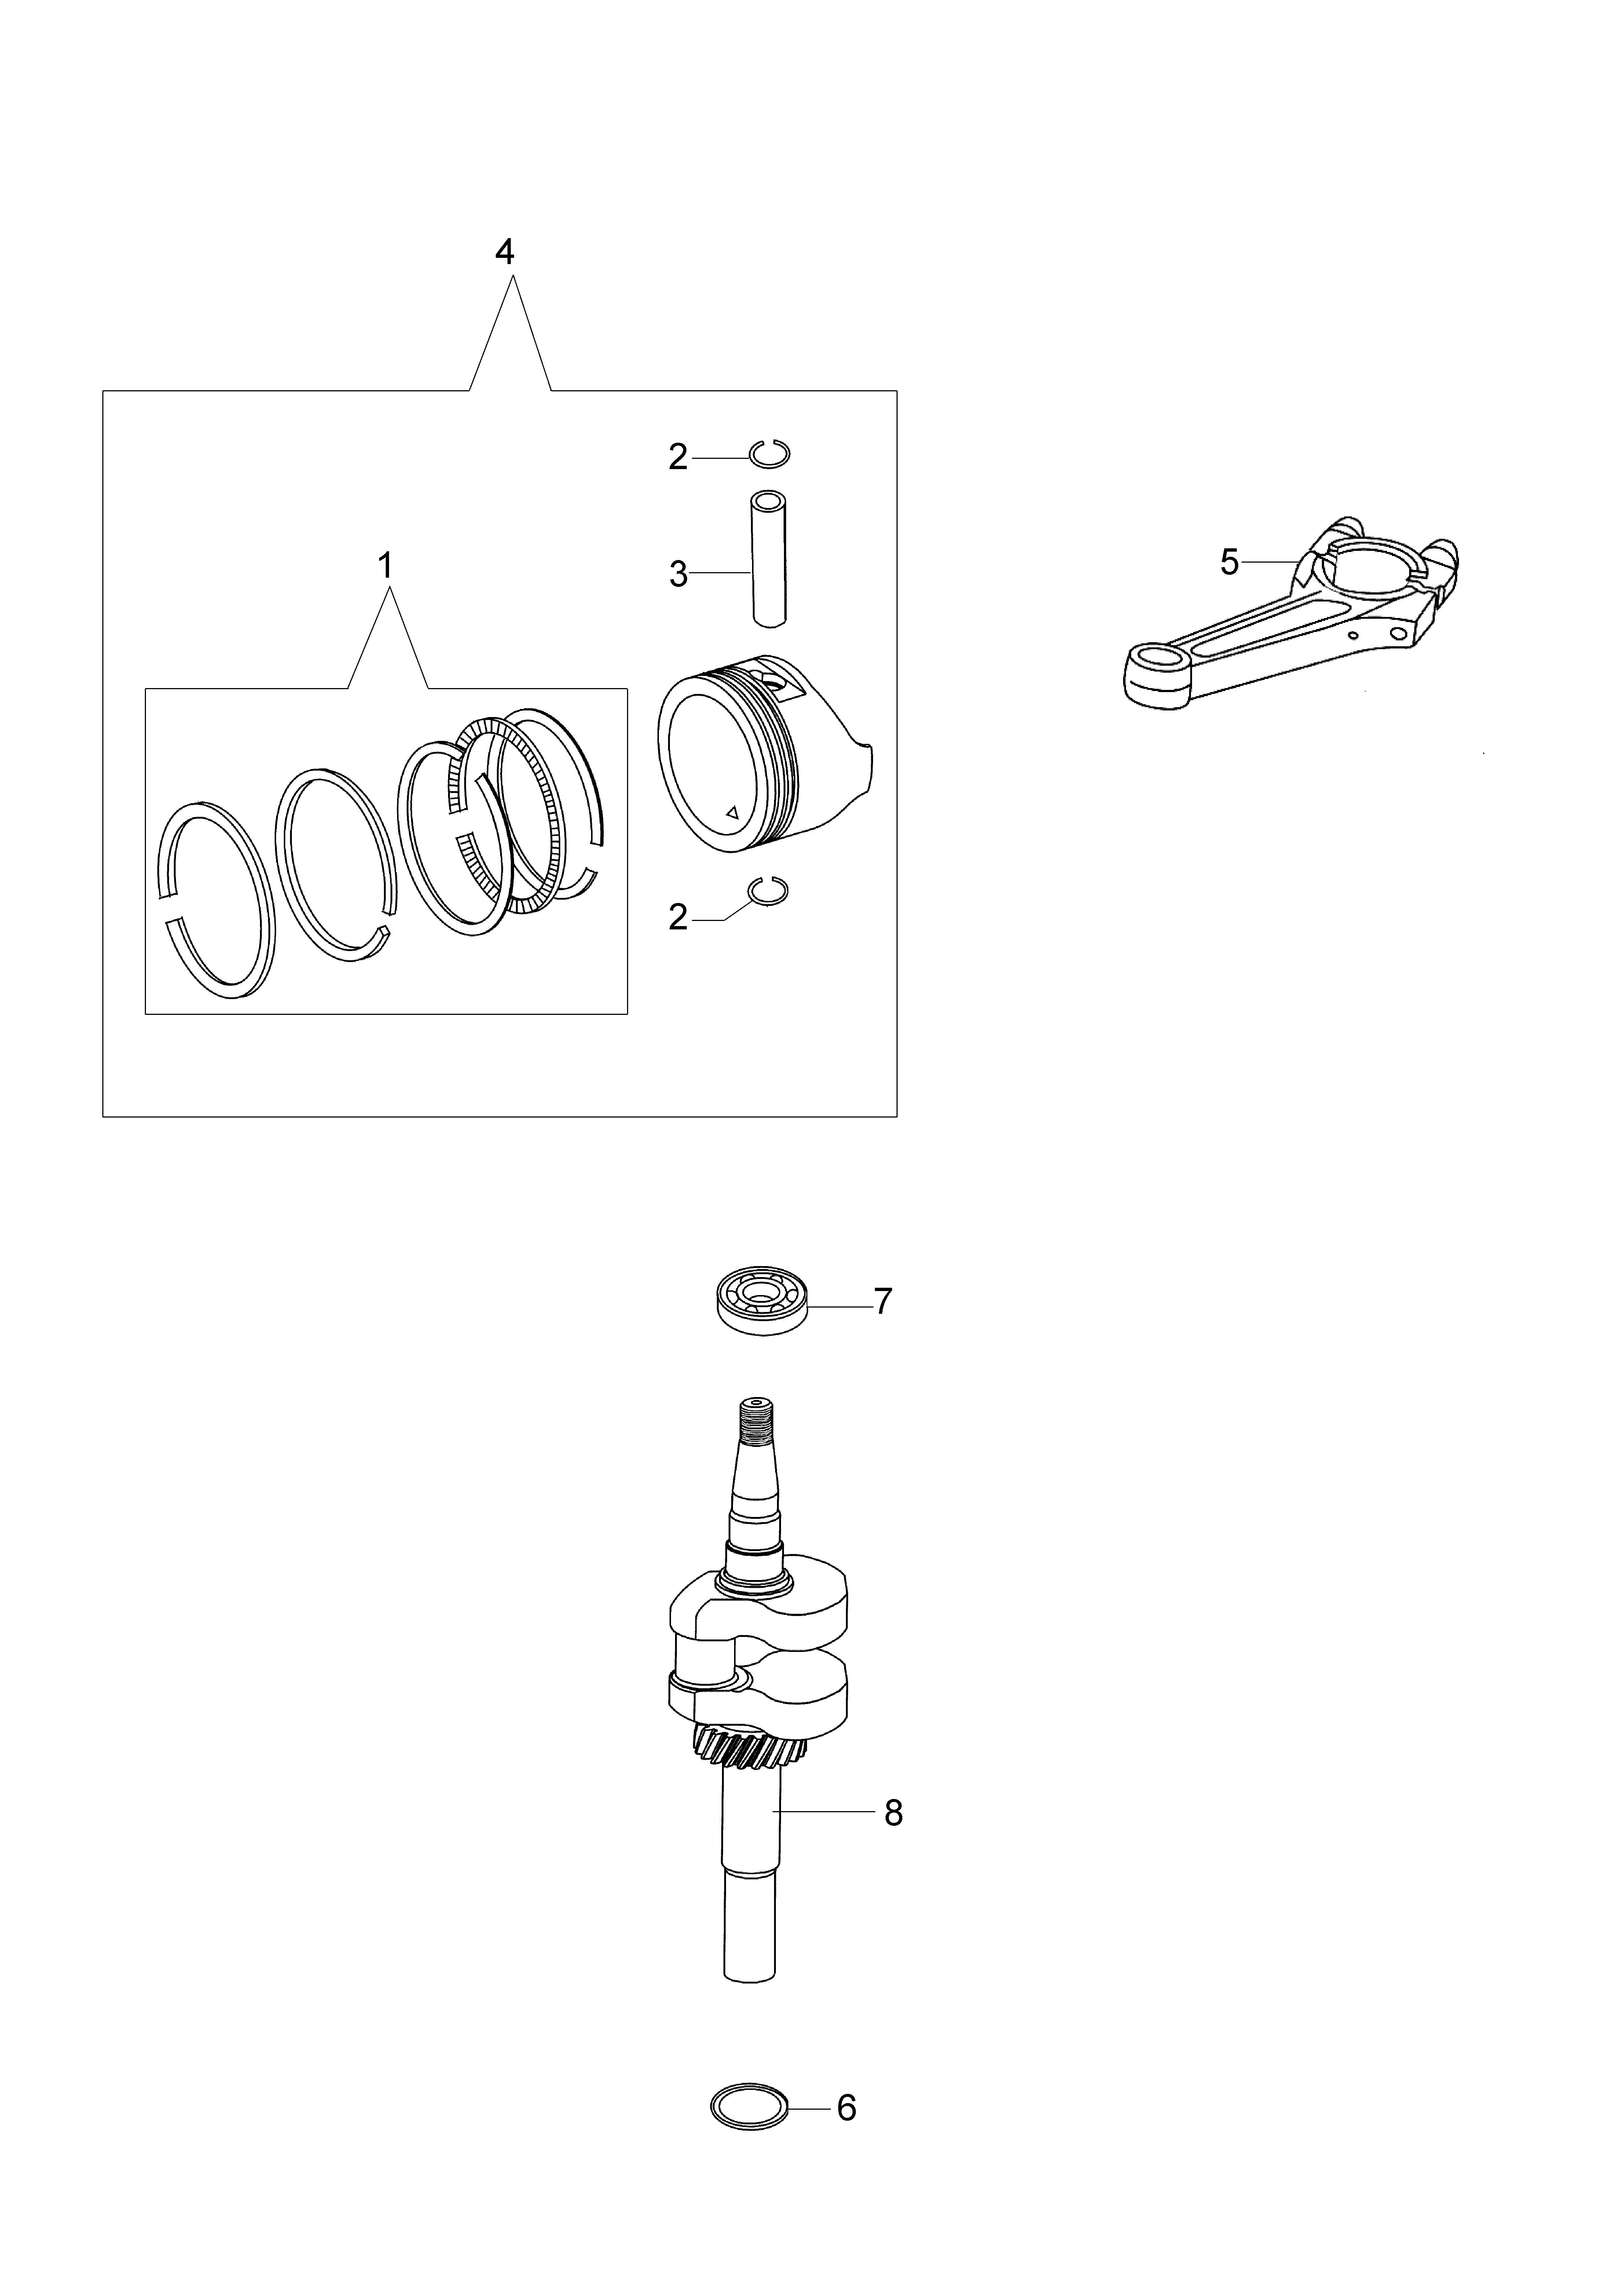 MOTEUR K650 emak  vue éclatée Dessins pièces -  Vilebrequin et piston